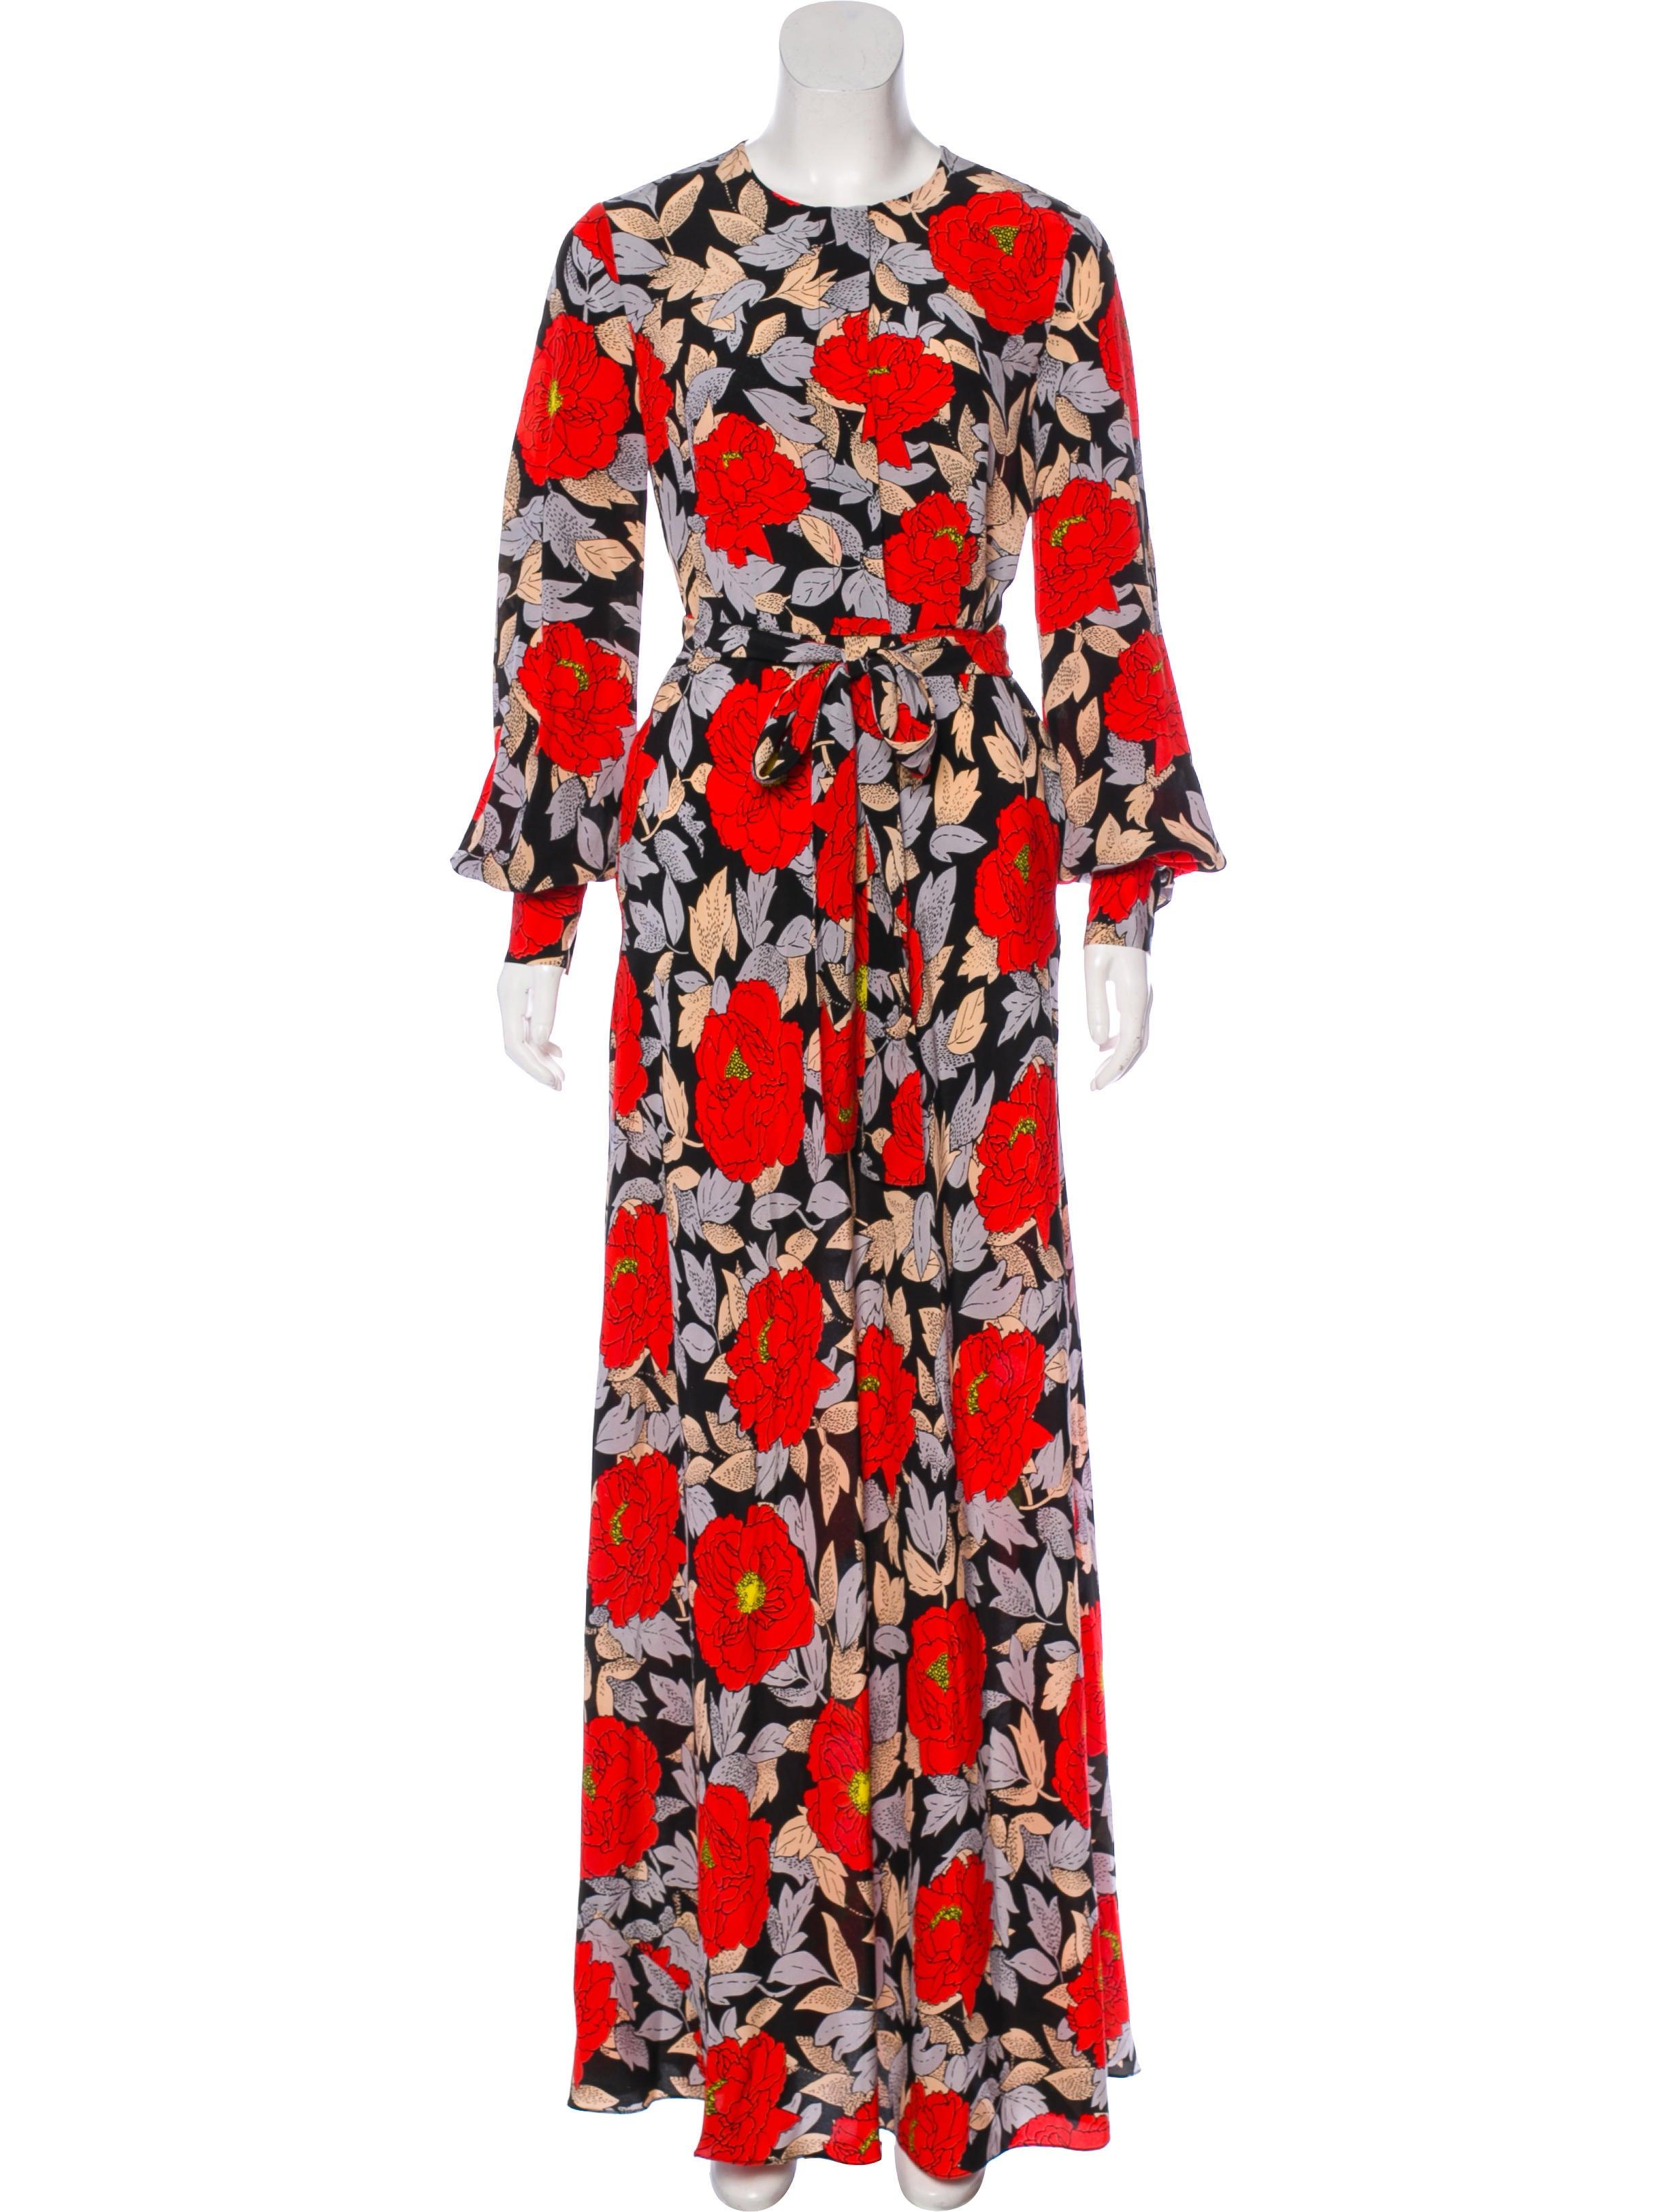 578e238fd17 Diane von Furstenberg Waist Tie Maxi Dress - Clothing - WDI142578 ...